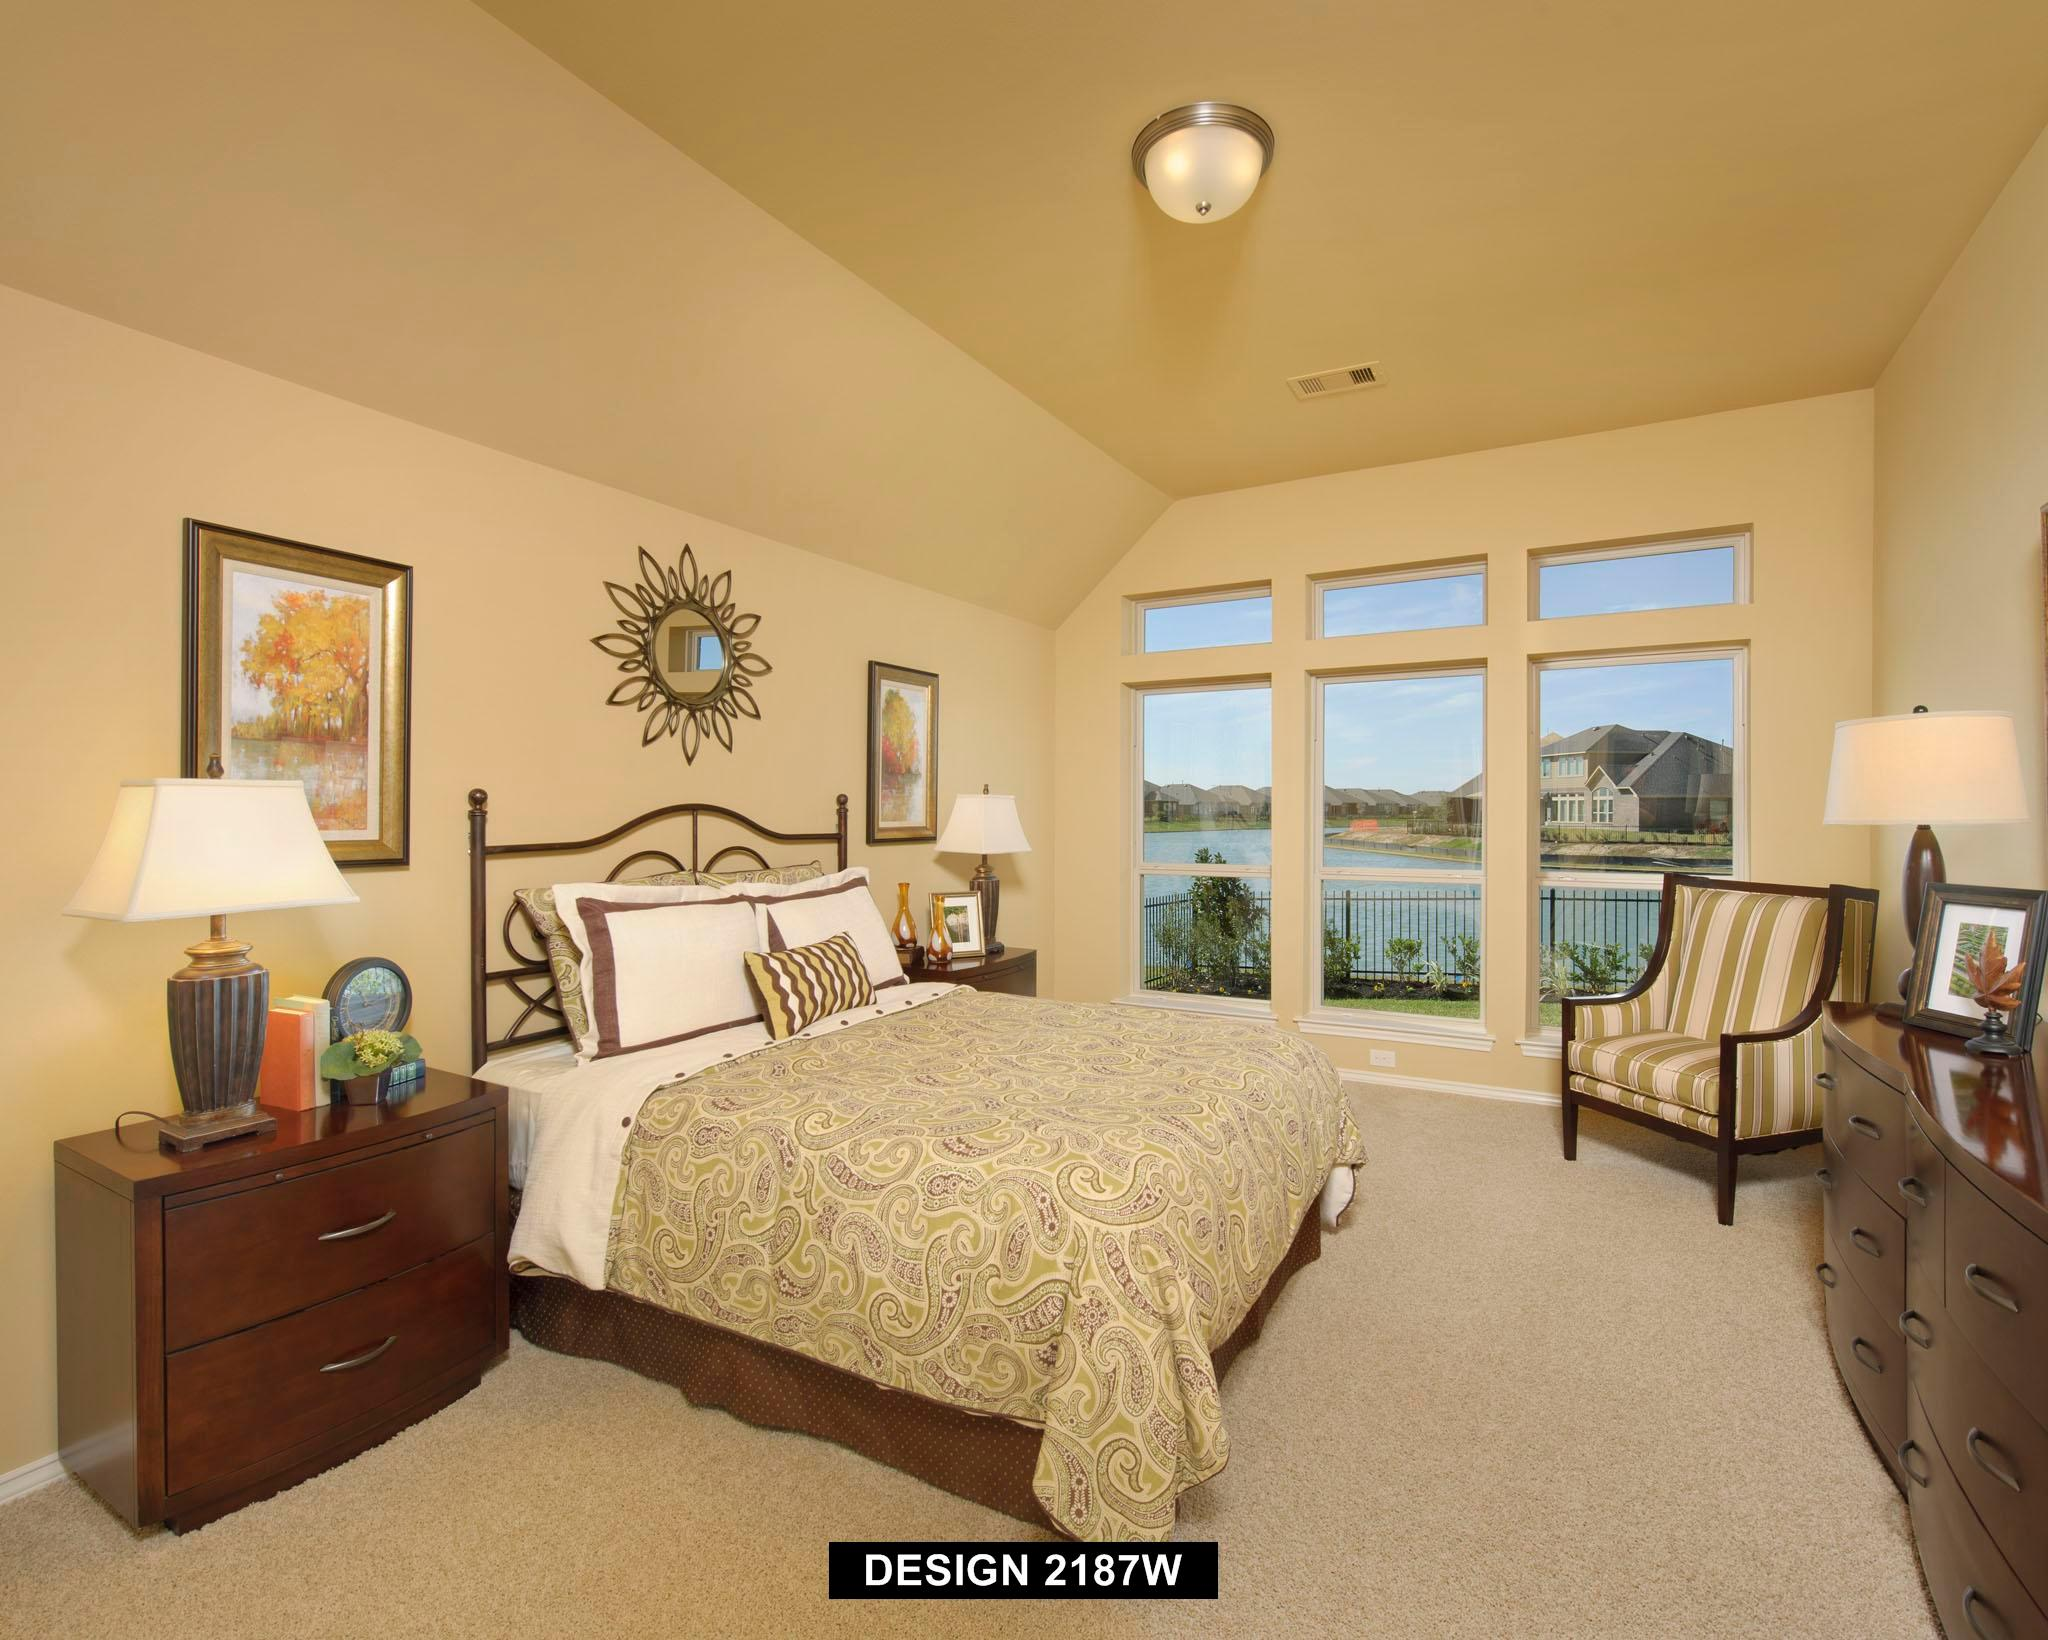 Marvelous Emejing Perry Homes Design Center Houston Ideas Trends